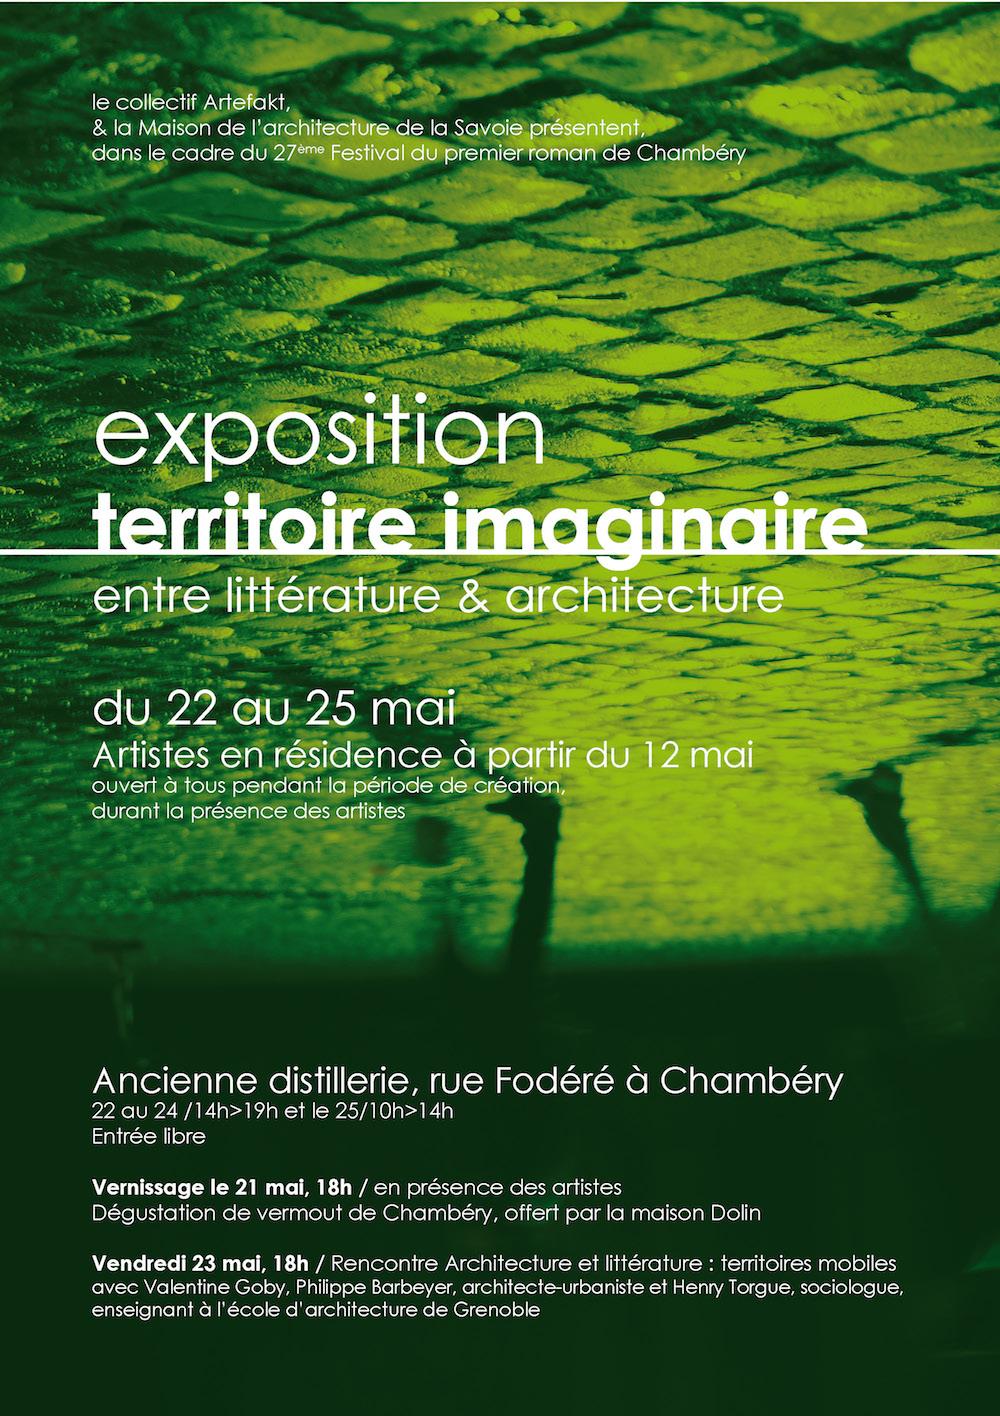 maison de l'architecture de savoie - exposition entre littérature & architecture